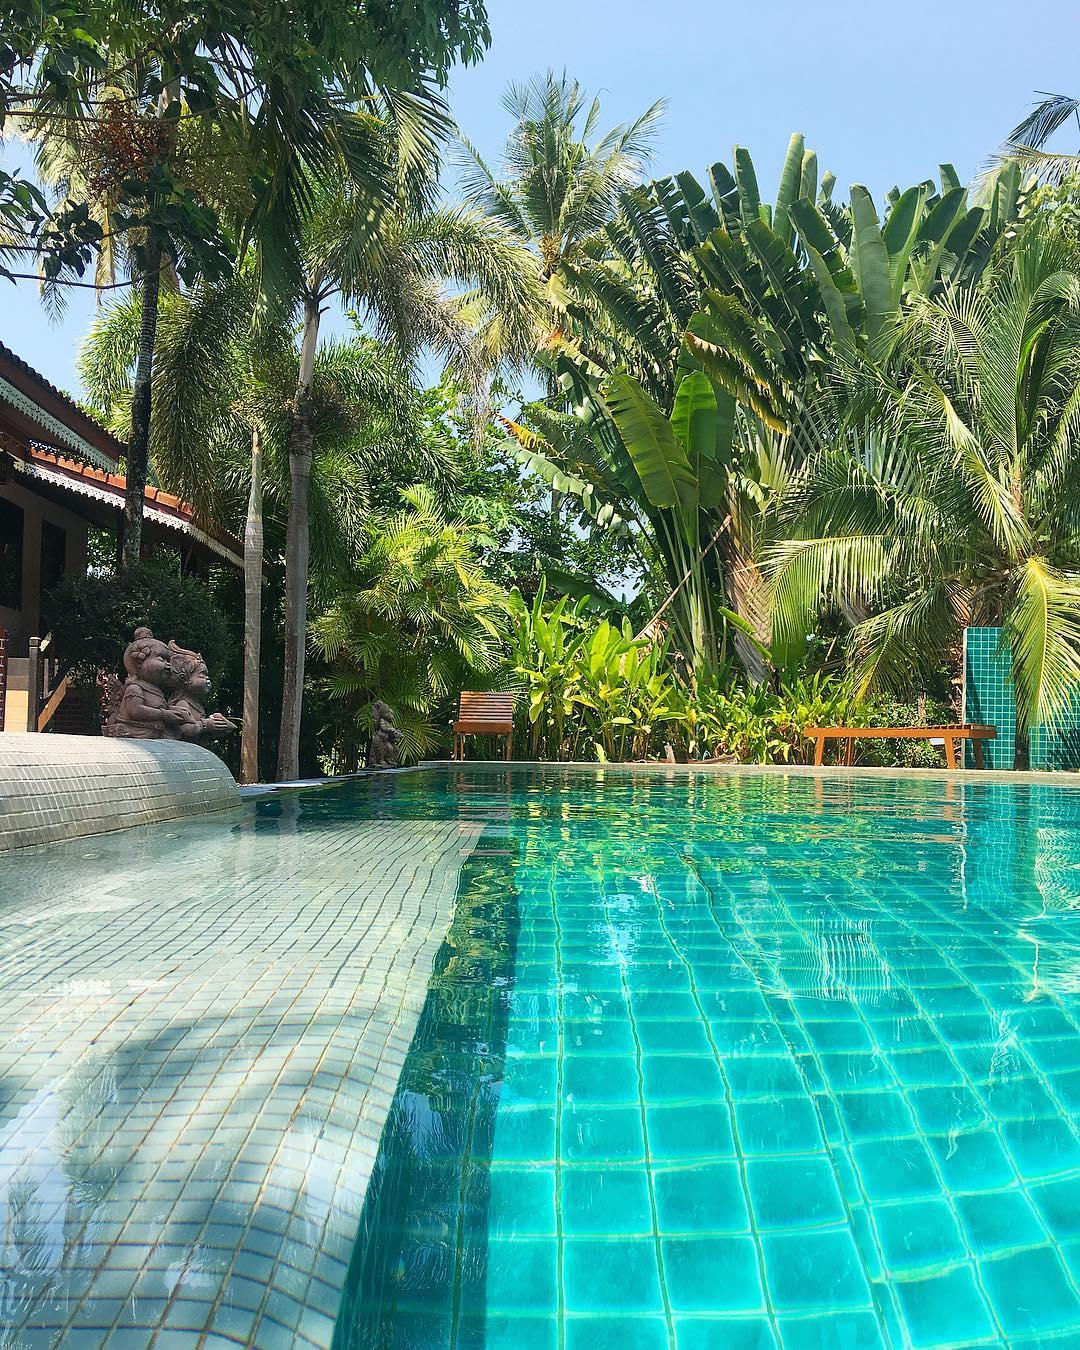 On est bien chez soi !! ?? ... avant le retour pour Bangkok... et pour la France  ______ ➕ l  Sangsawan Palace . ? | Khao Lak • Côte Ouest Thaïlande . ? | #PintadeThailande ? | Thaïlande Nord & Côte Ouest ??? ______ #thailande #thailand #bangkok #kohphiphi#kohlanta #kohsamui #kohphangan #kohtao #khaolak #chiangmai #cityguide #cityTrip #travel #blogTravel #TravelBlog #bloggervoyage #voYage #blogVoyage #frenchBlogger #blogueuse #blog #montpellier #pintademontpellier #food #foodlover